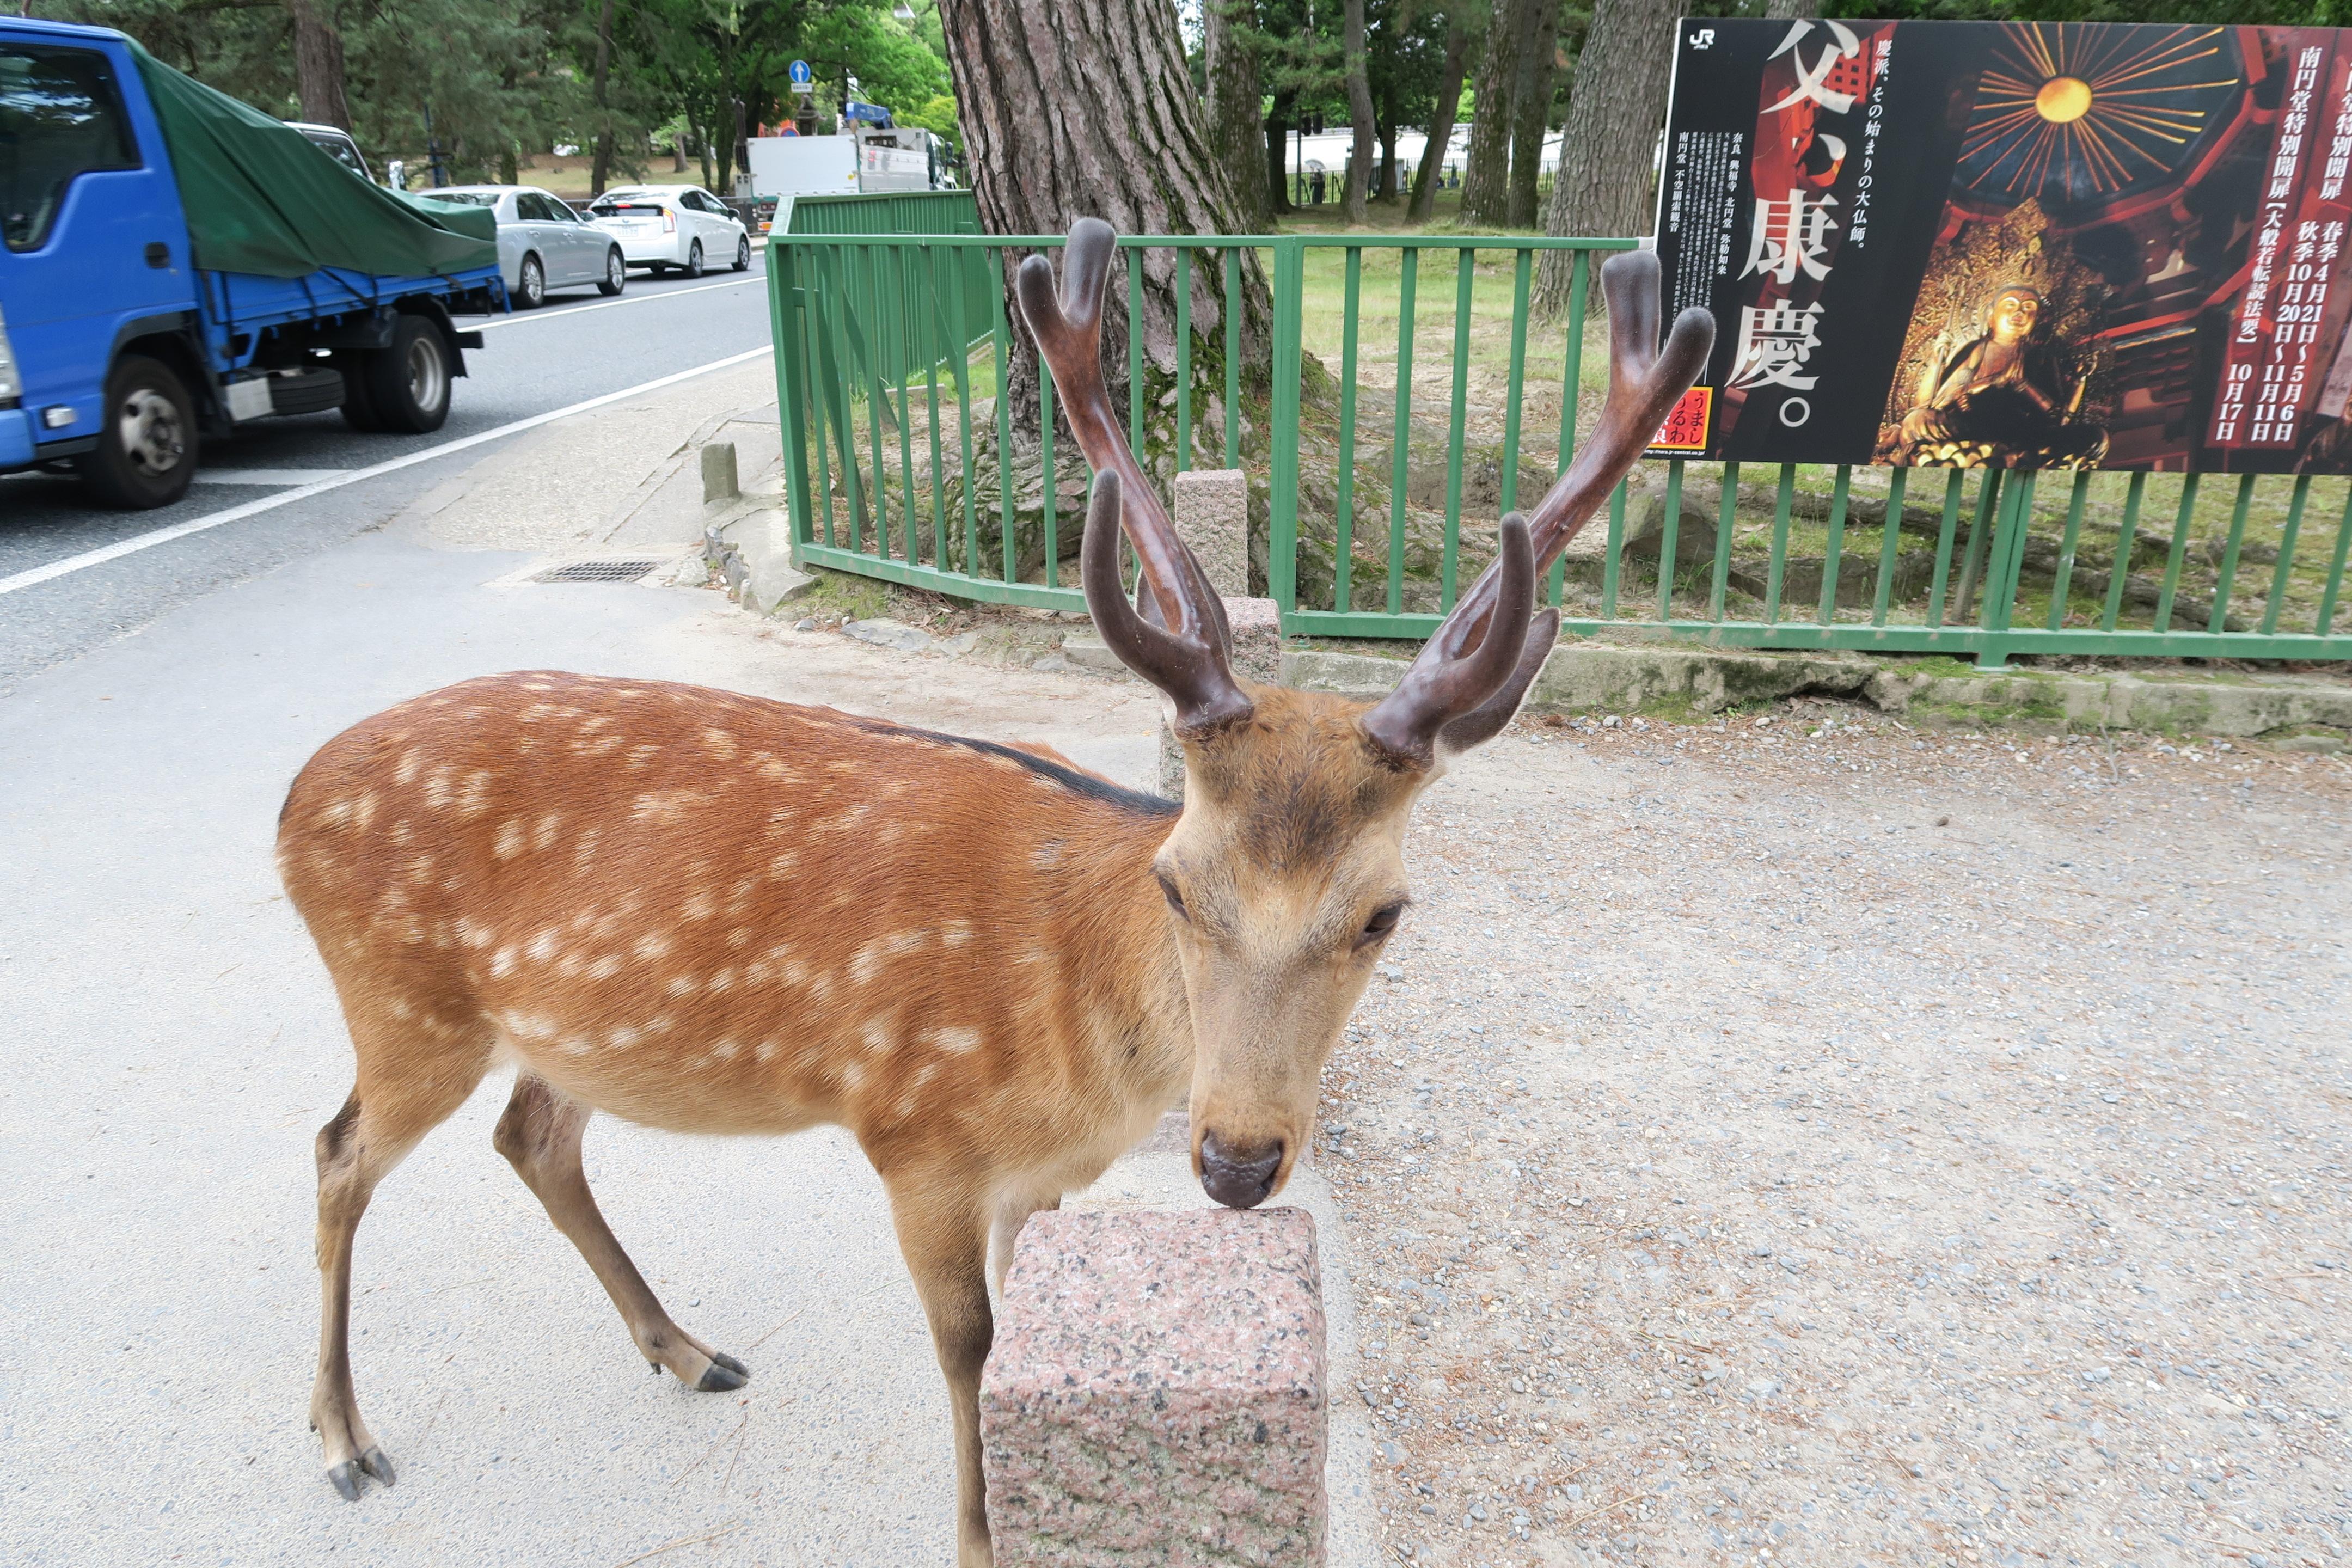 鹿の赤ちゃんに癒やされる♪♪ 春日大社境内の鹿苑で実施中の「子鹿公開